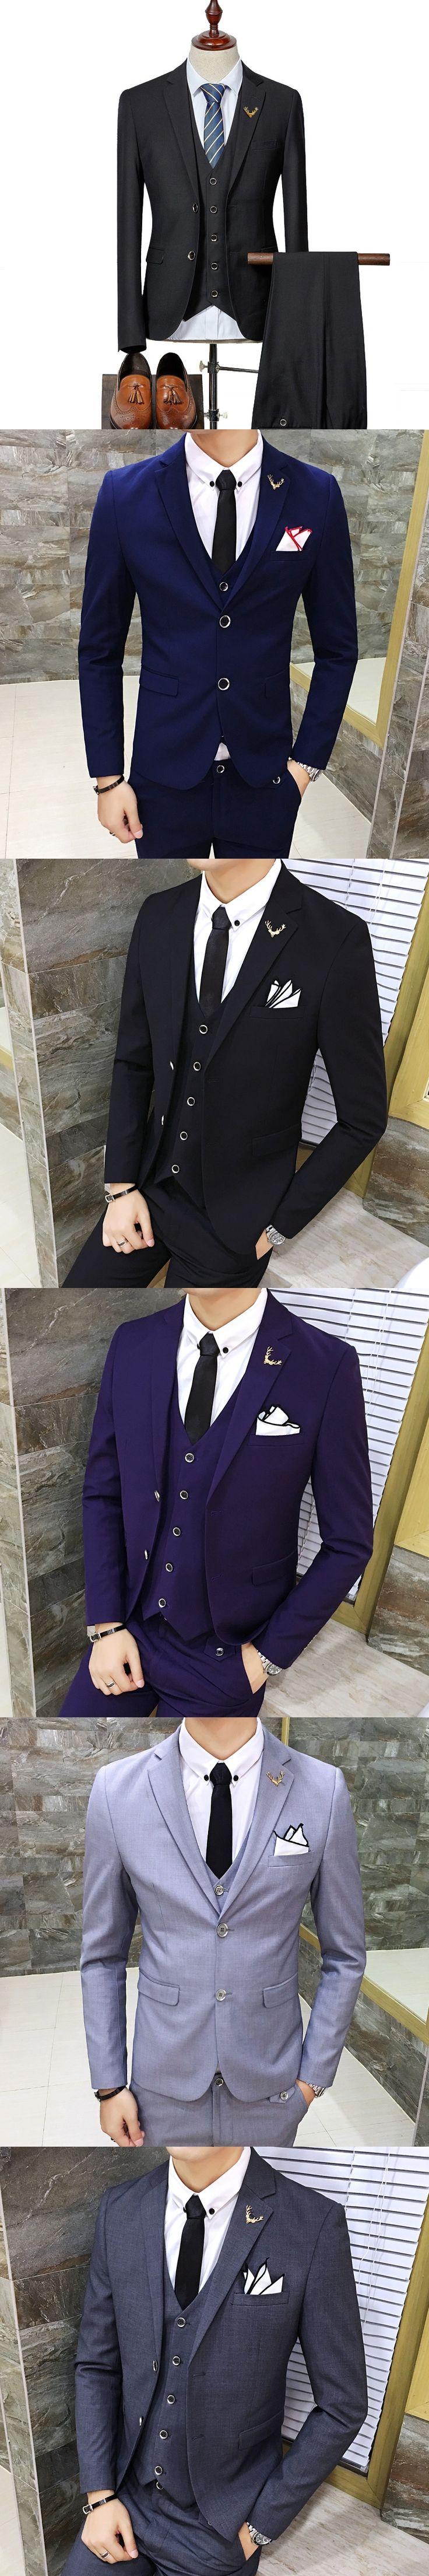 3 Pcs Solid Wedding Suits for Men 2017 Latest Coat Pant Designs Costume Mariage Homme Business Suit Men Slim Fit S-3XL